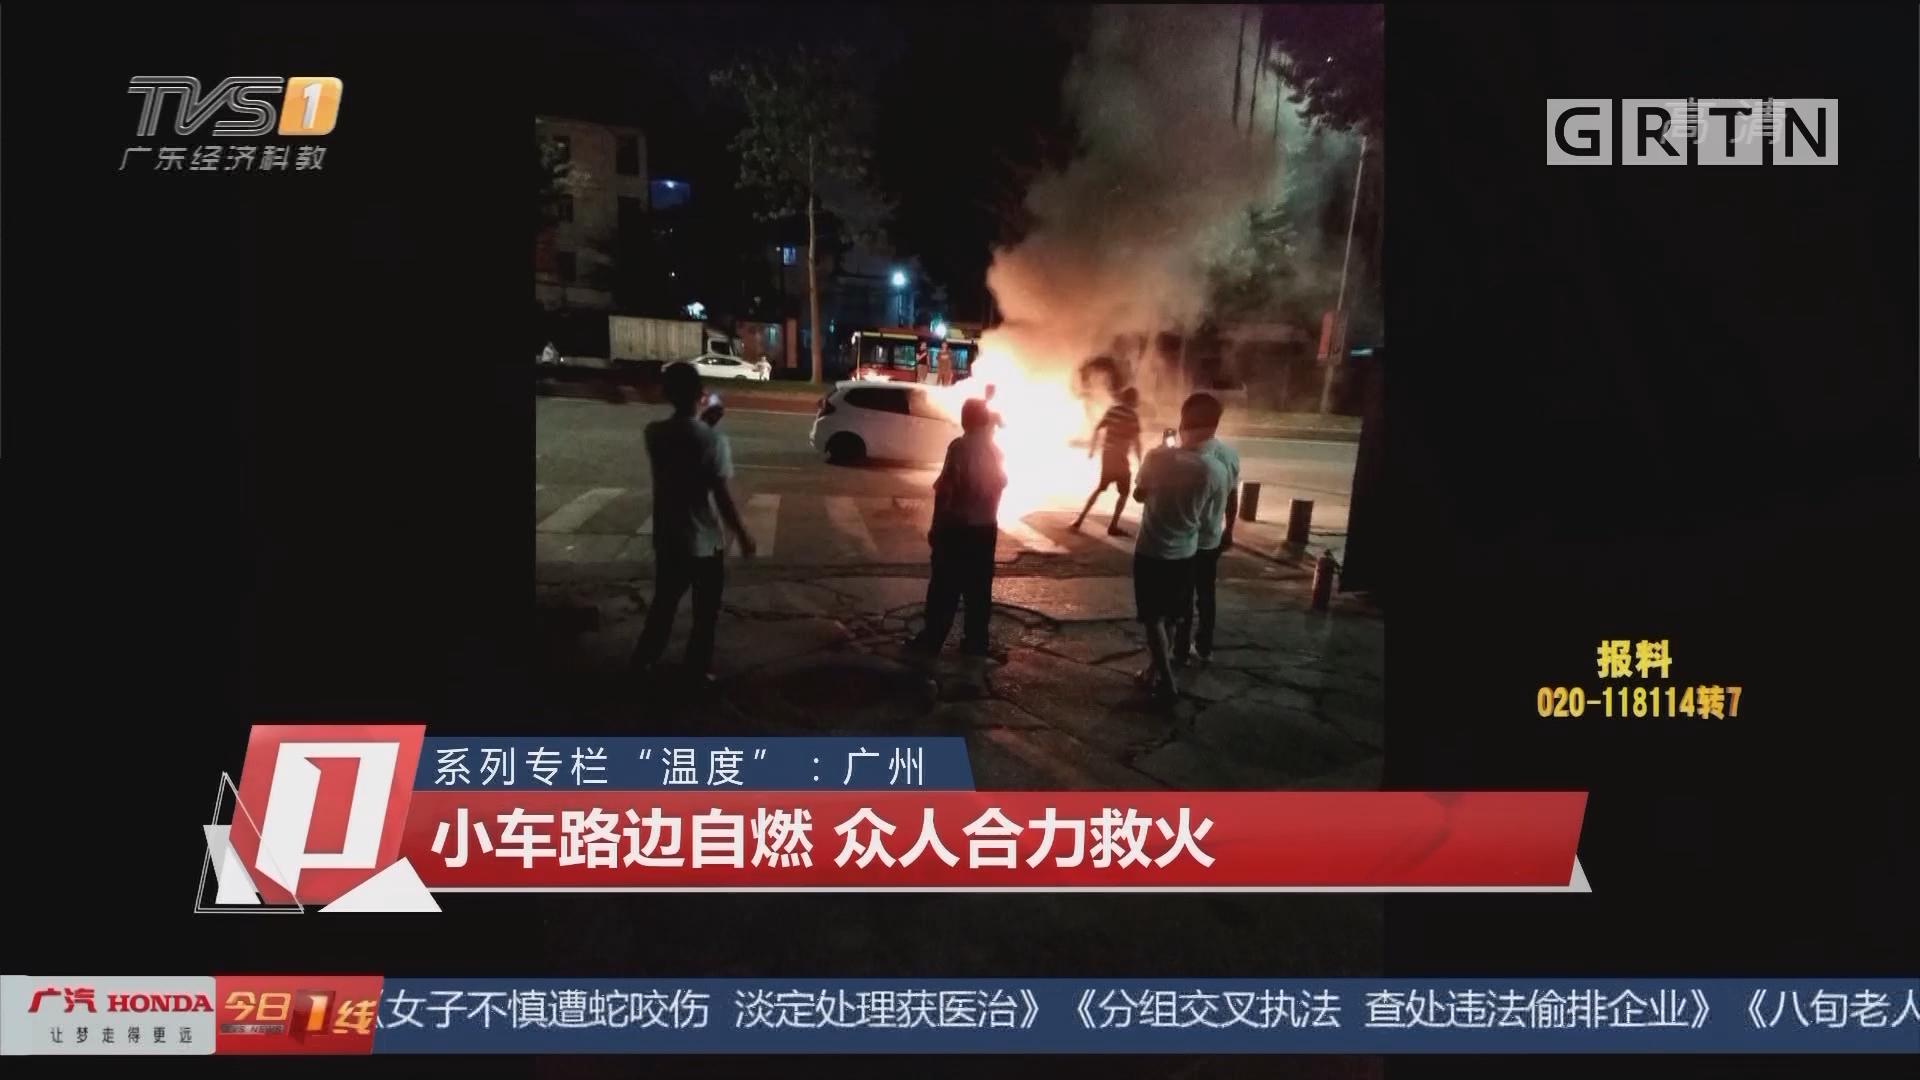 """系列专栏""""温度"""":广州 小车路边自燃 众人合力救火"""